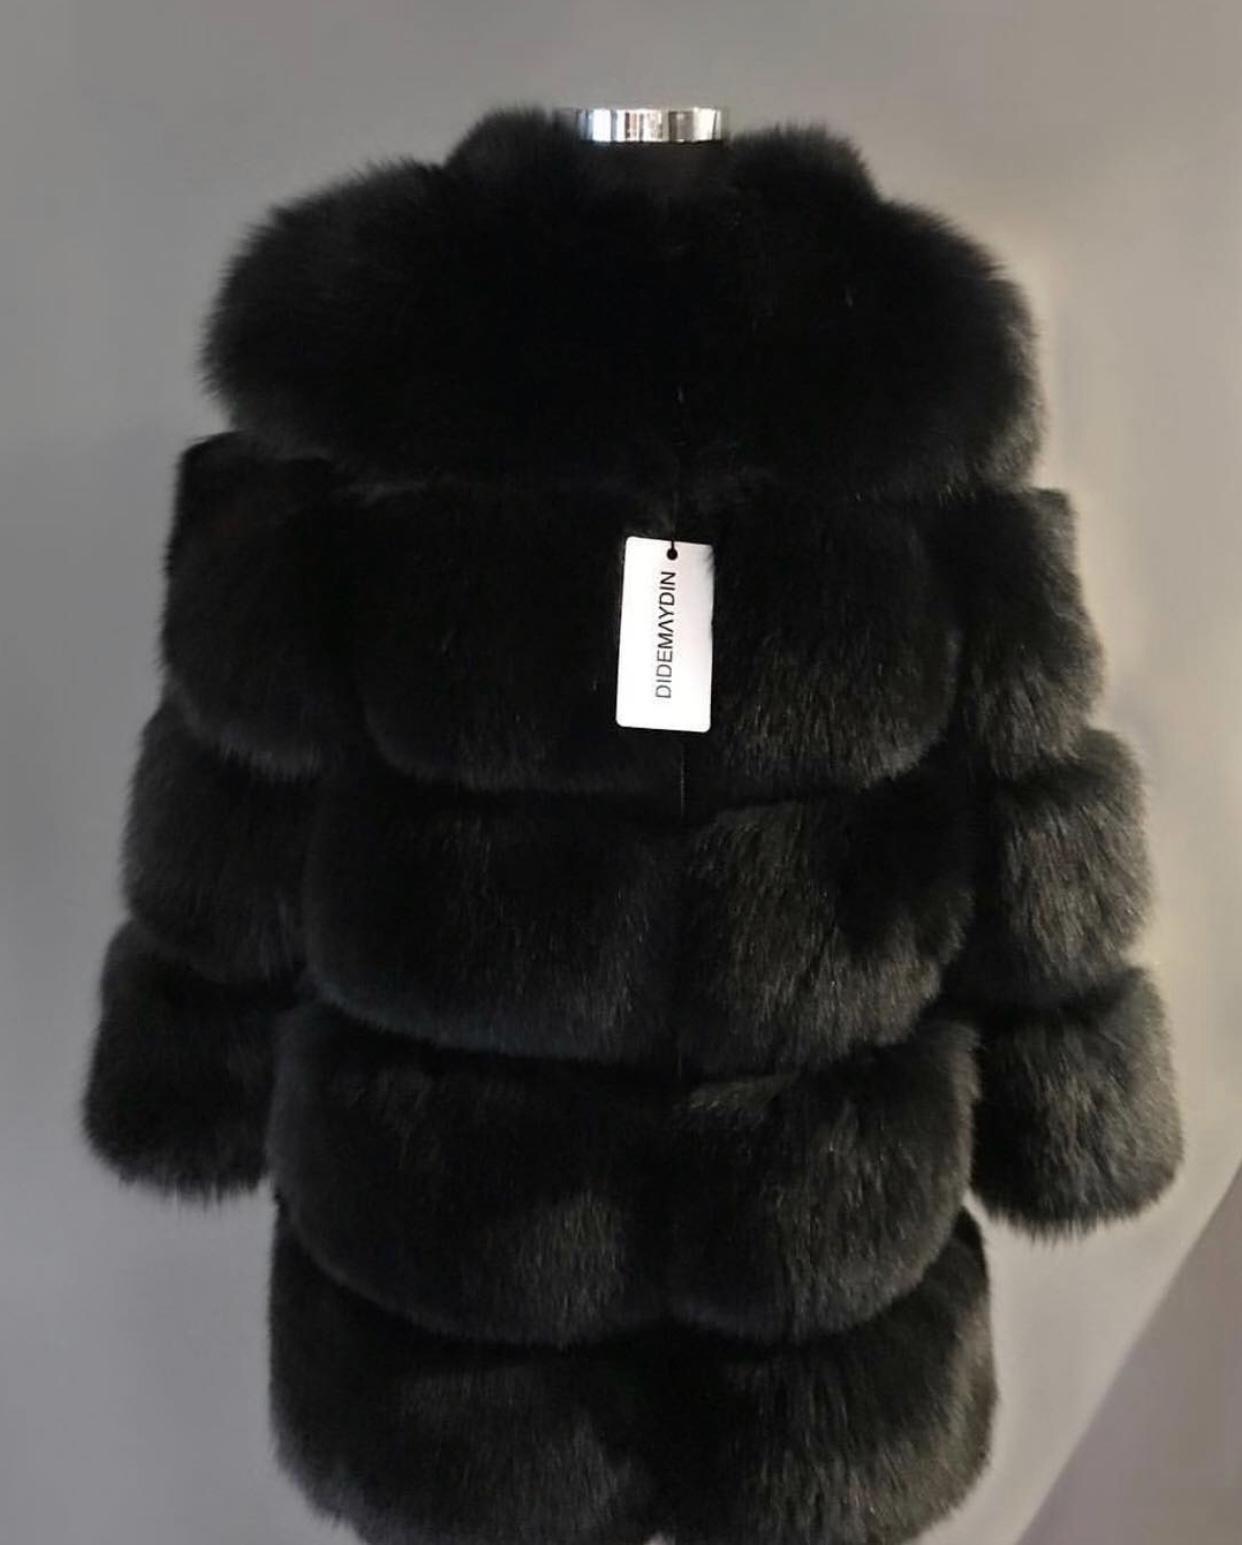 DIDEMΛYDIN Siyah Tilki Kürkü